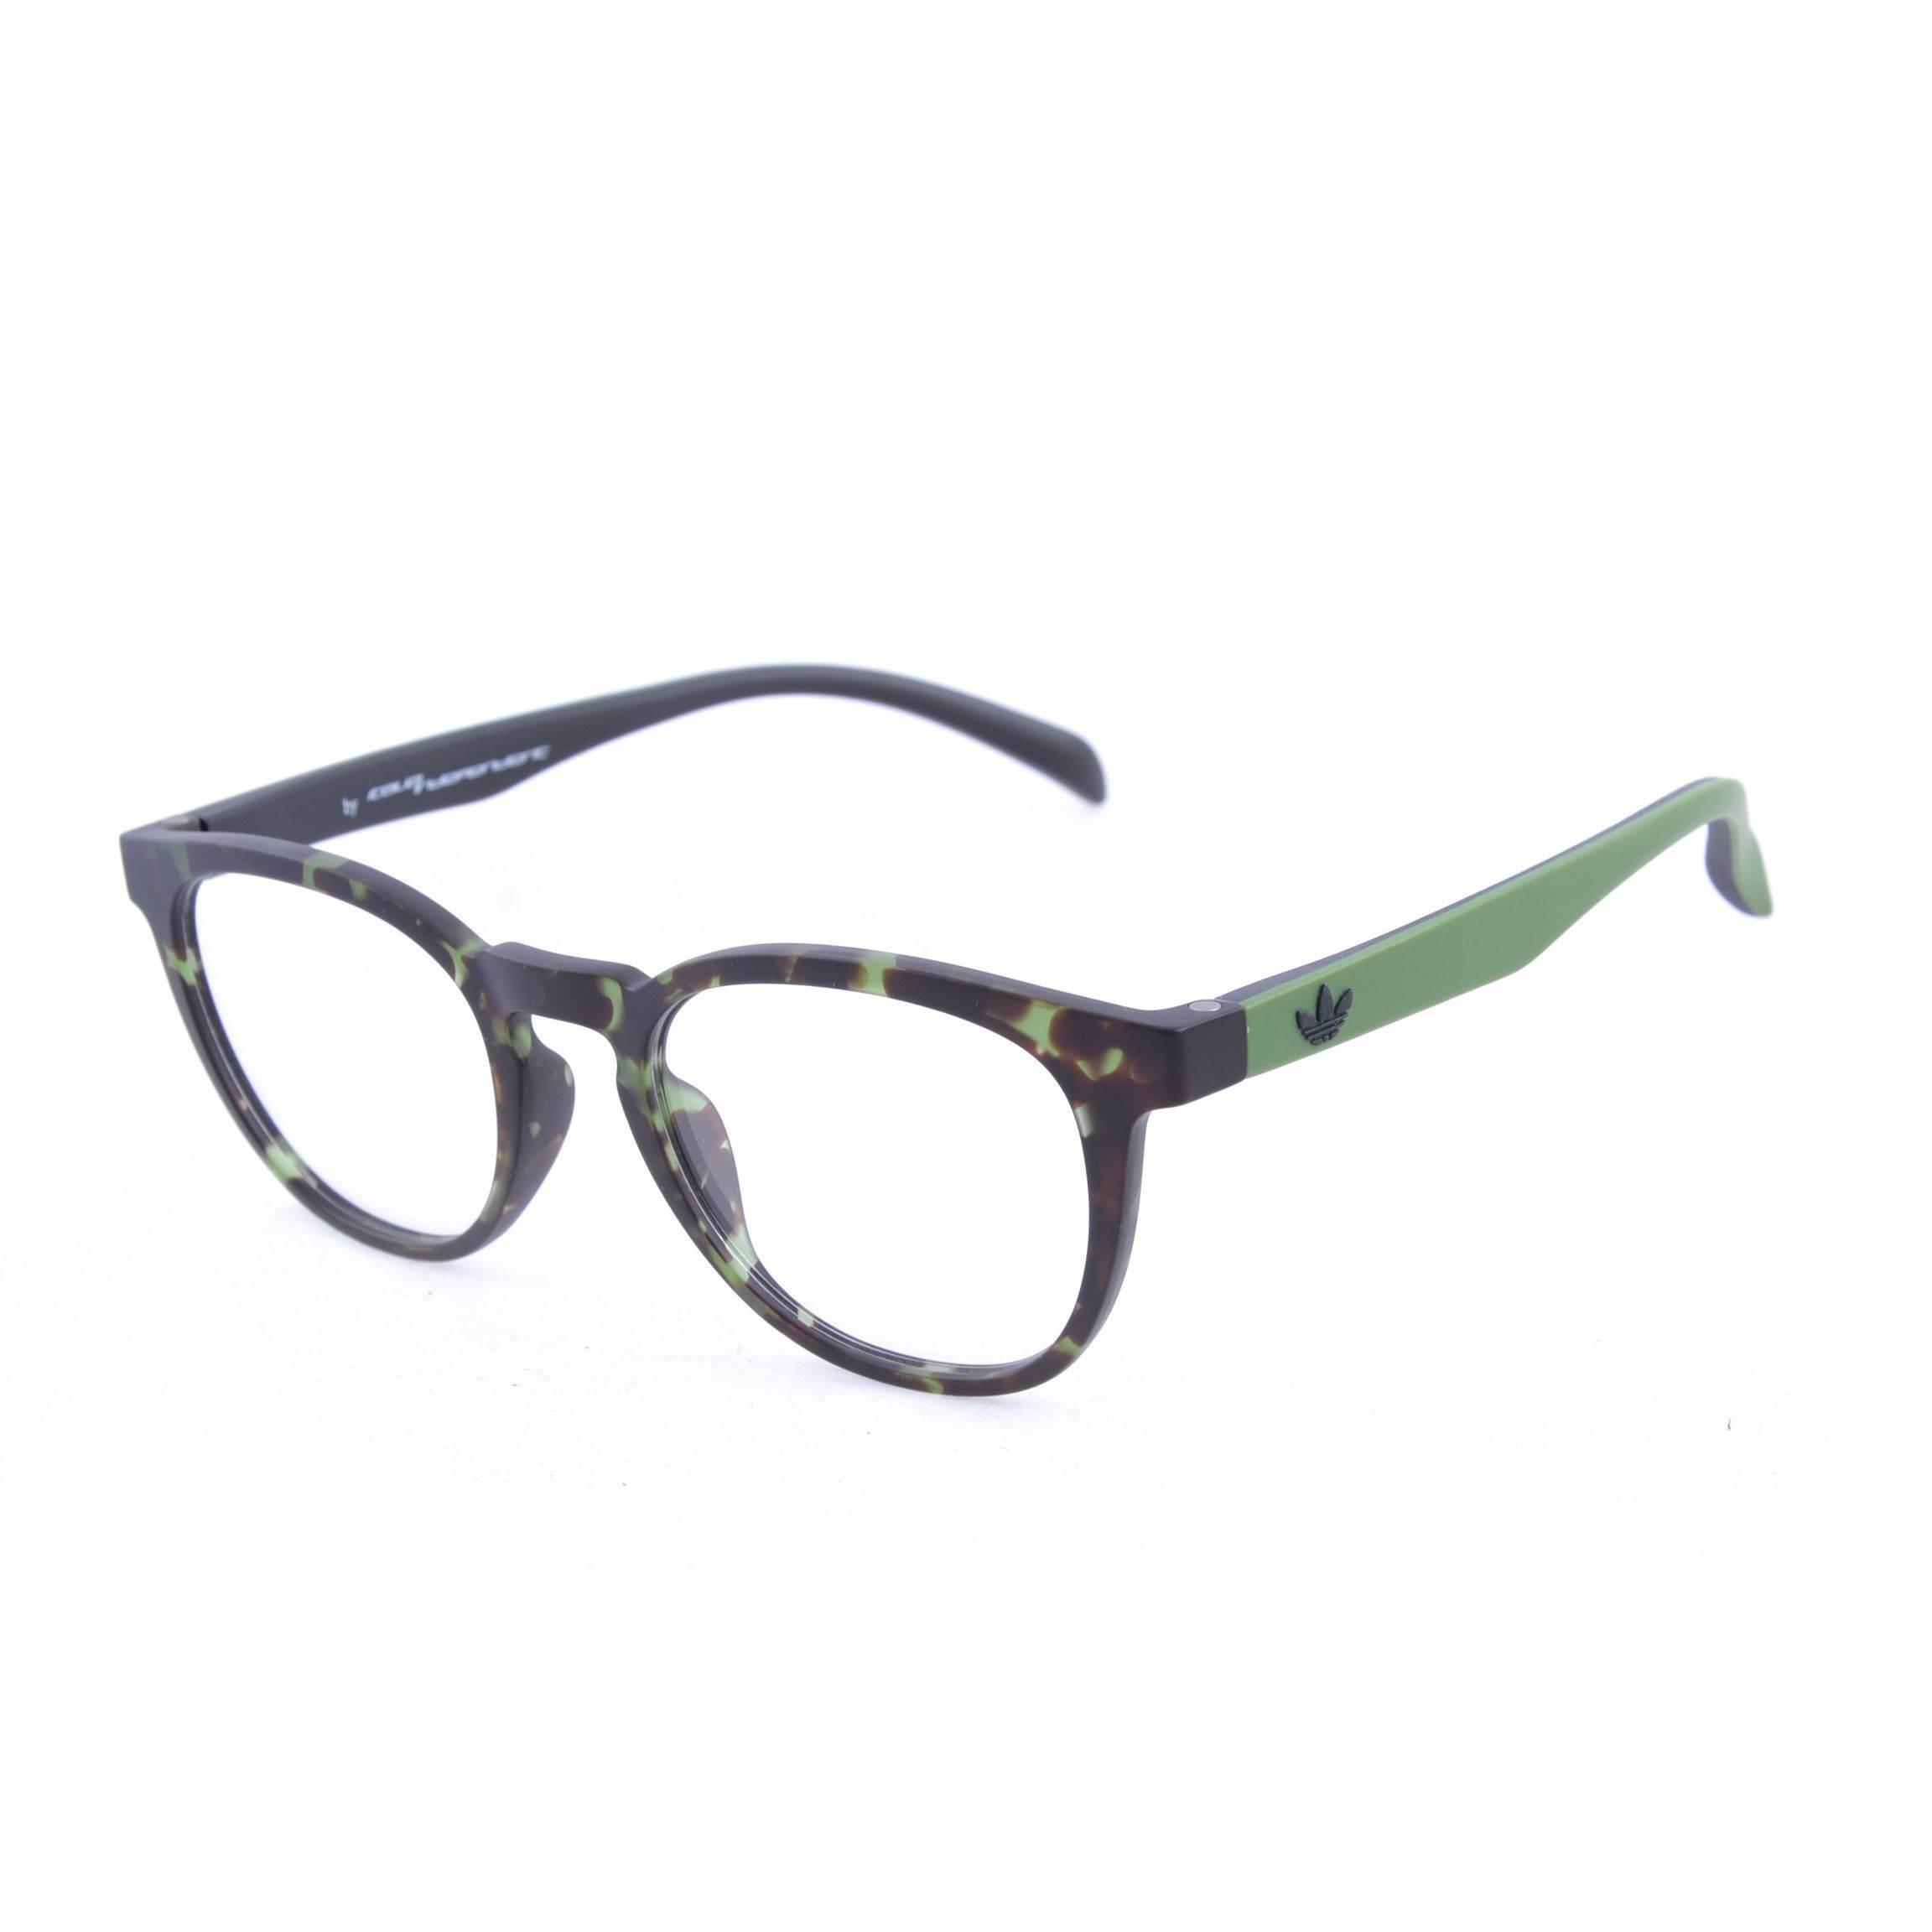 occhiali da vista uomo adidas